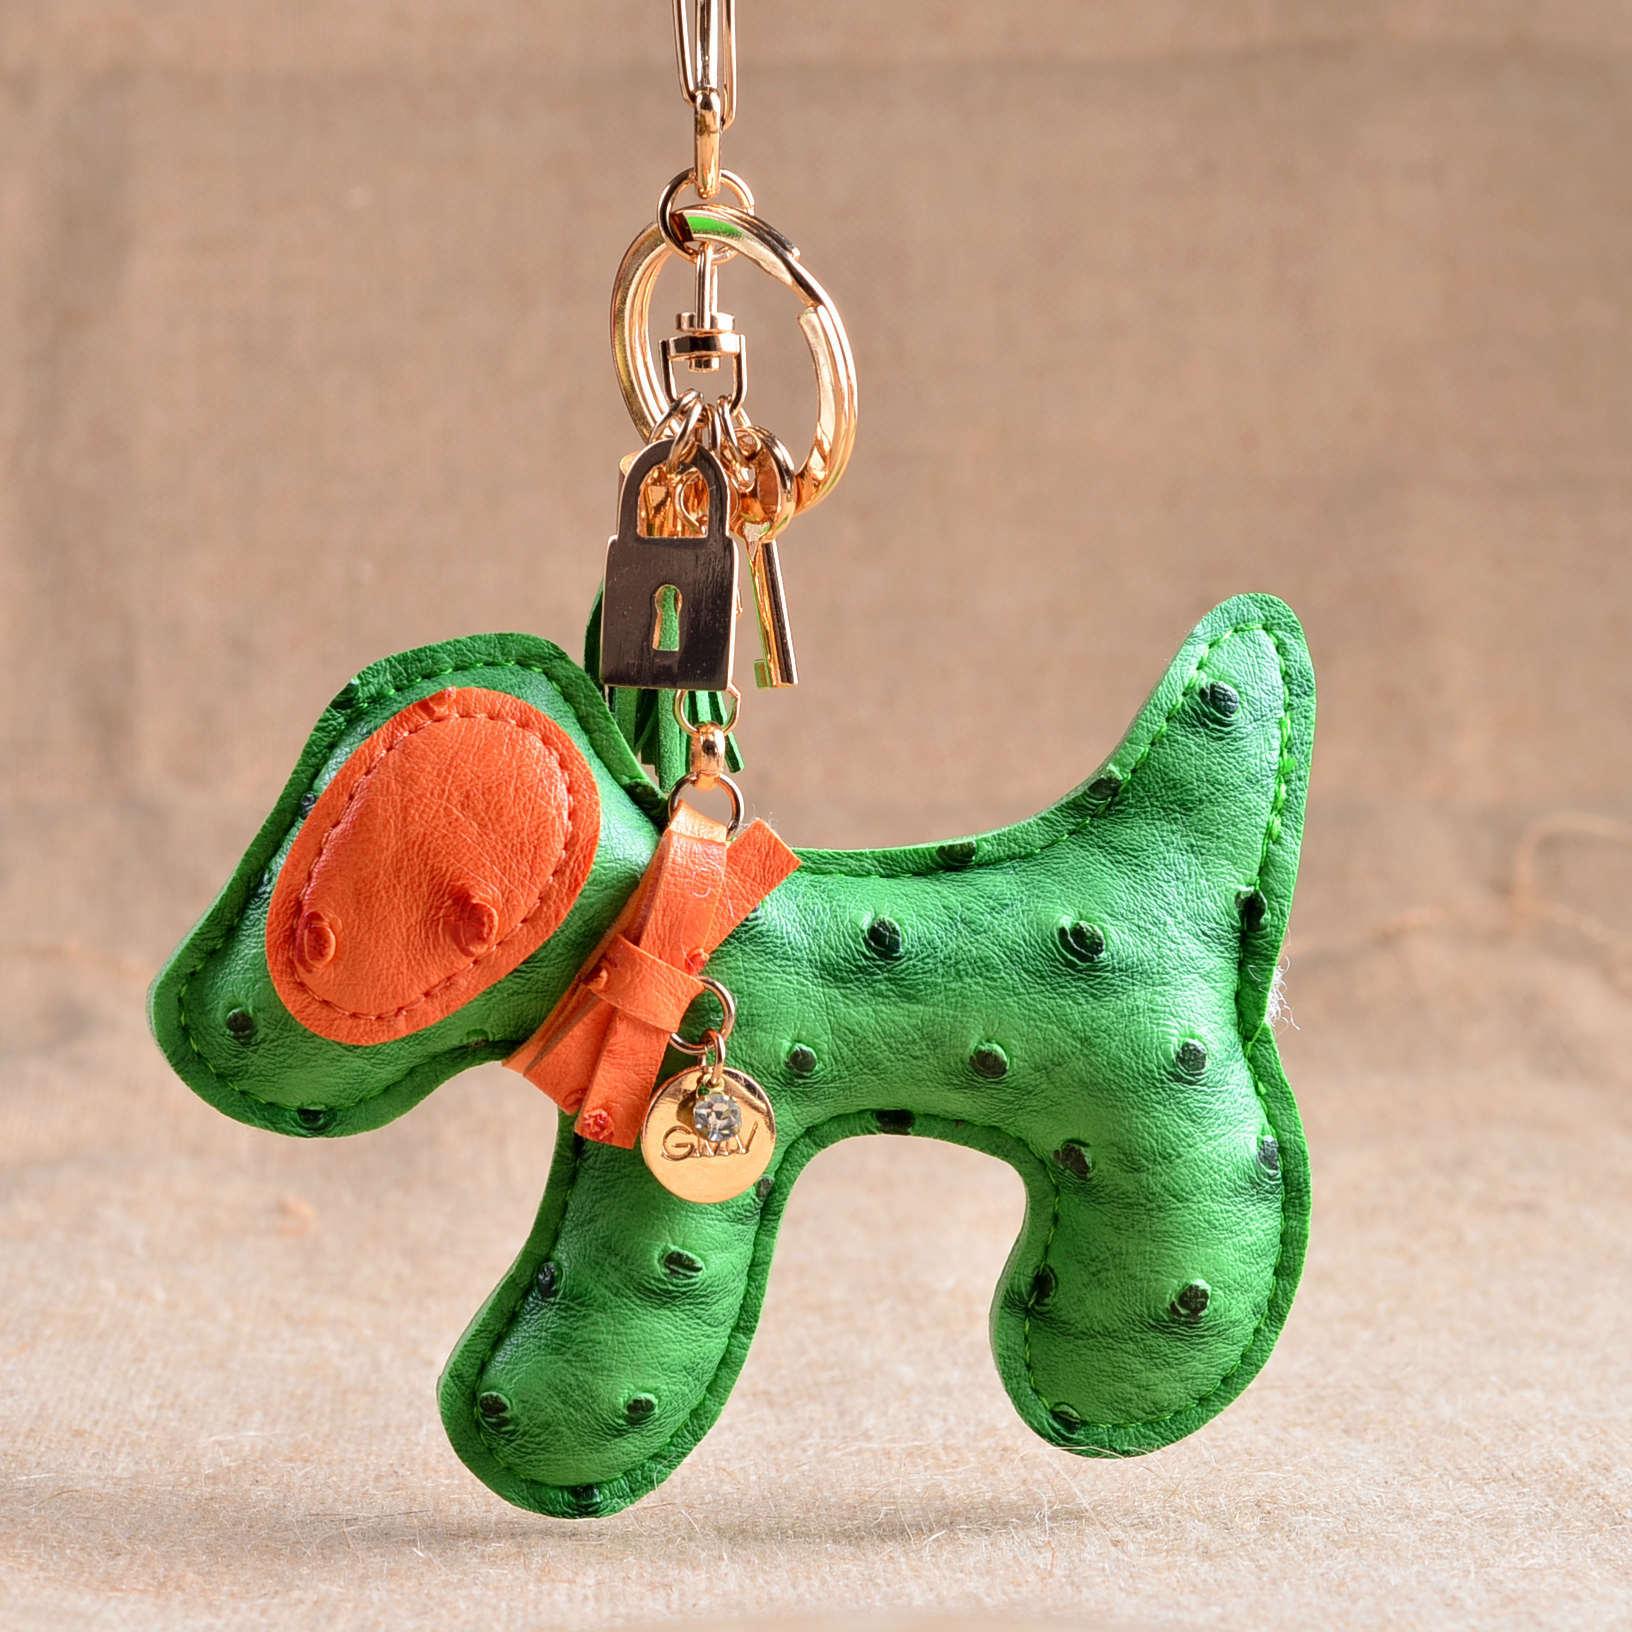 ტყავის Keychain ძაღლი Pu Tassel Cute Poodle Key - მოდის სამკაულები